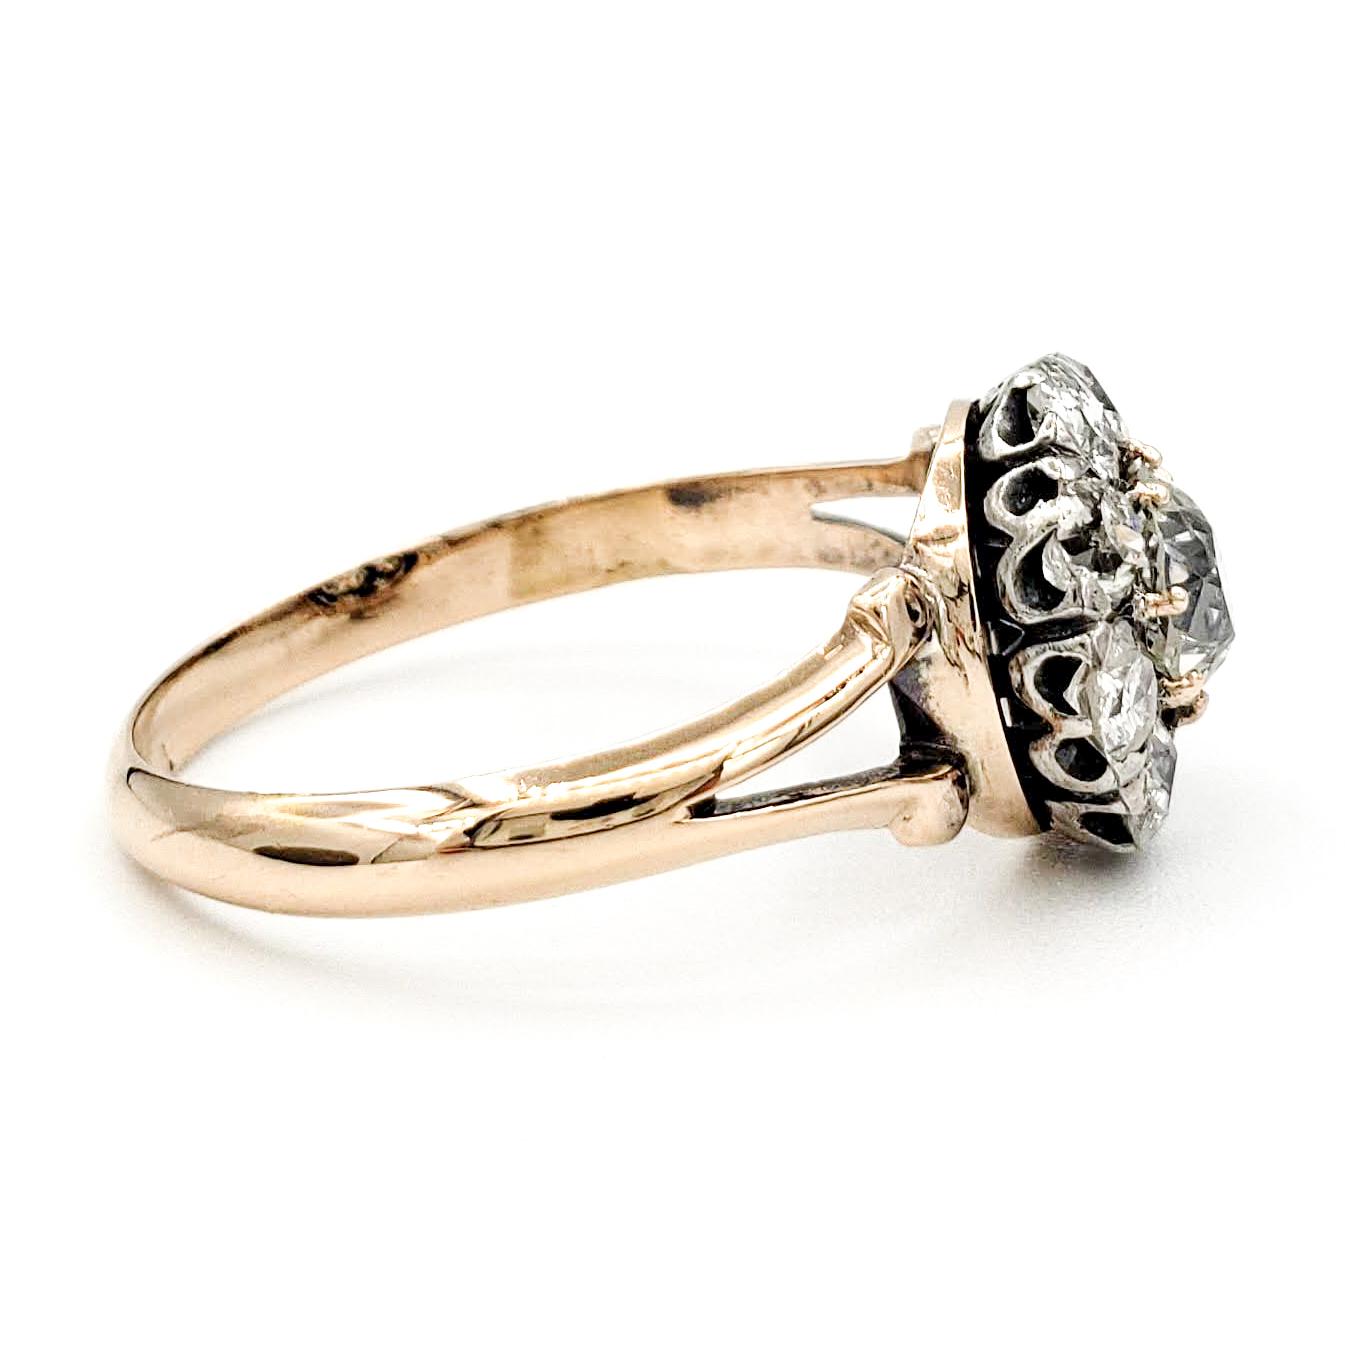 vintage-14-karat-gold-engagement-ring-with-0-61-carat-old-european-cut-diamond-egl-h-si1